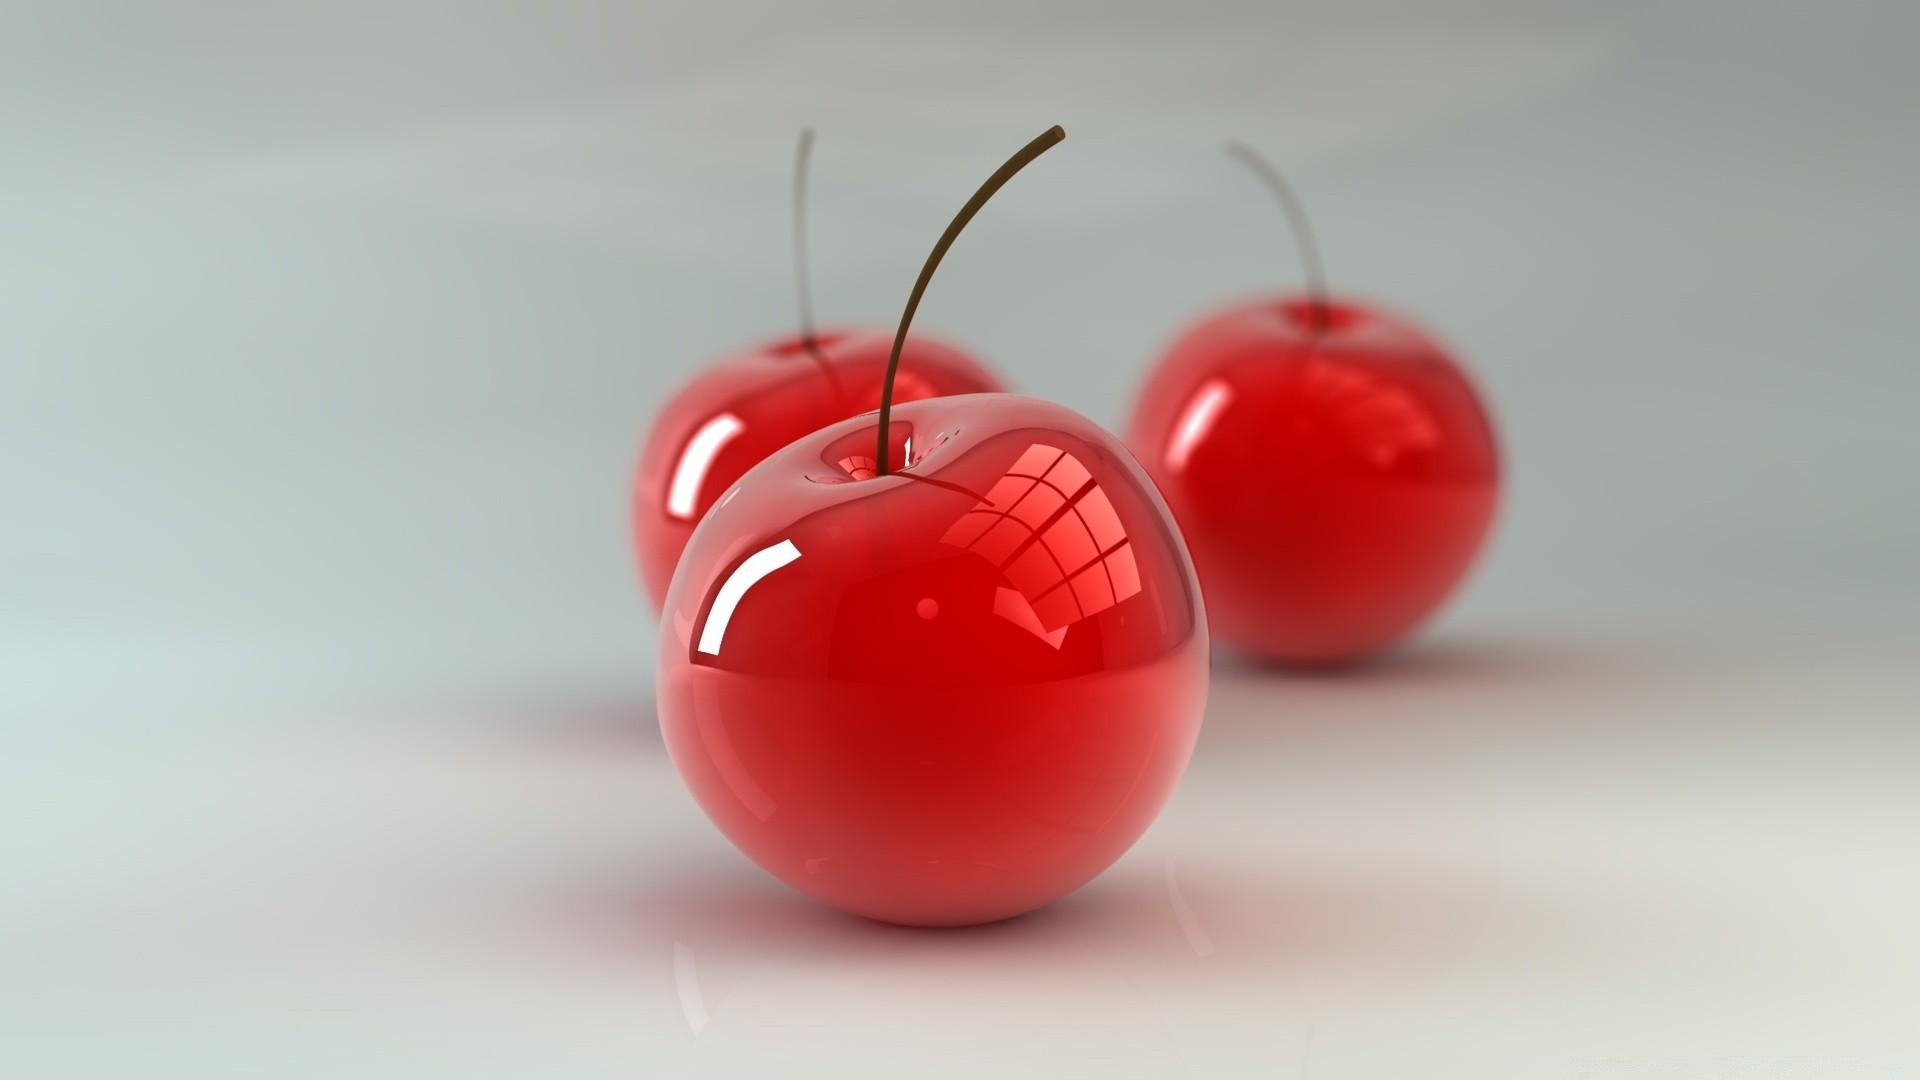 Картинка для рабочего стола стеклянные фрукты